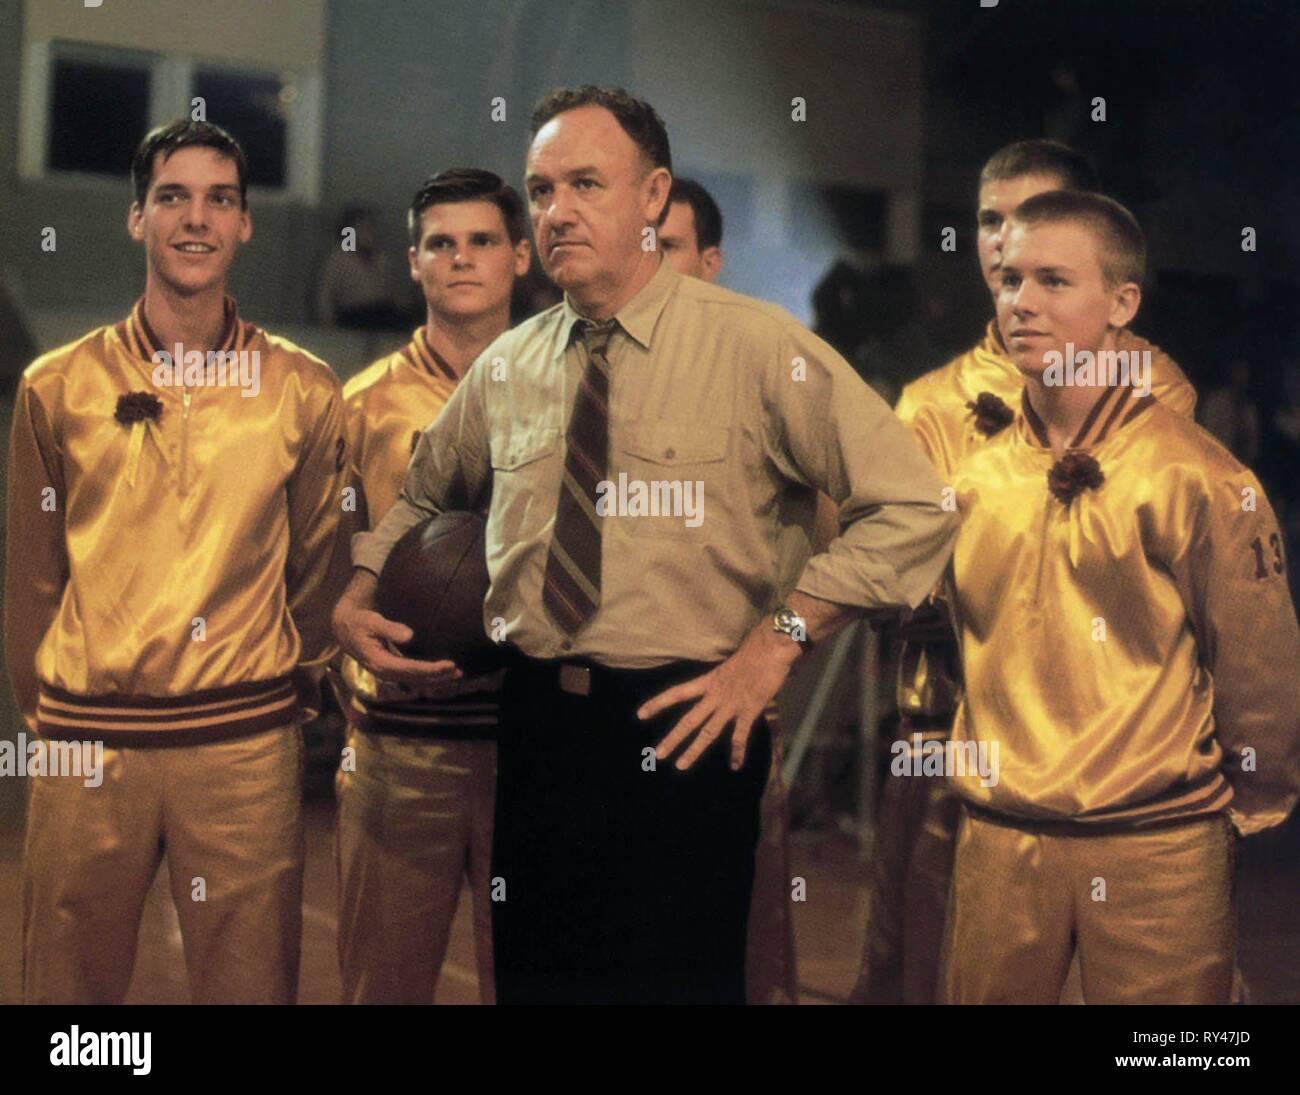 SCENE WITH GENE HACKMAN, HOOSIERS, 1986 - Stock Image